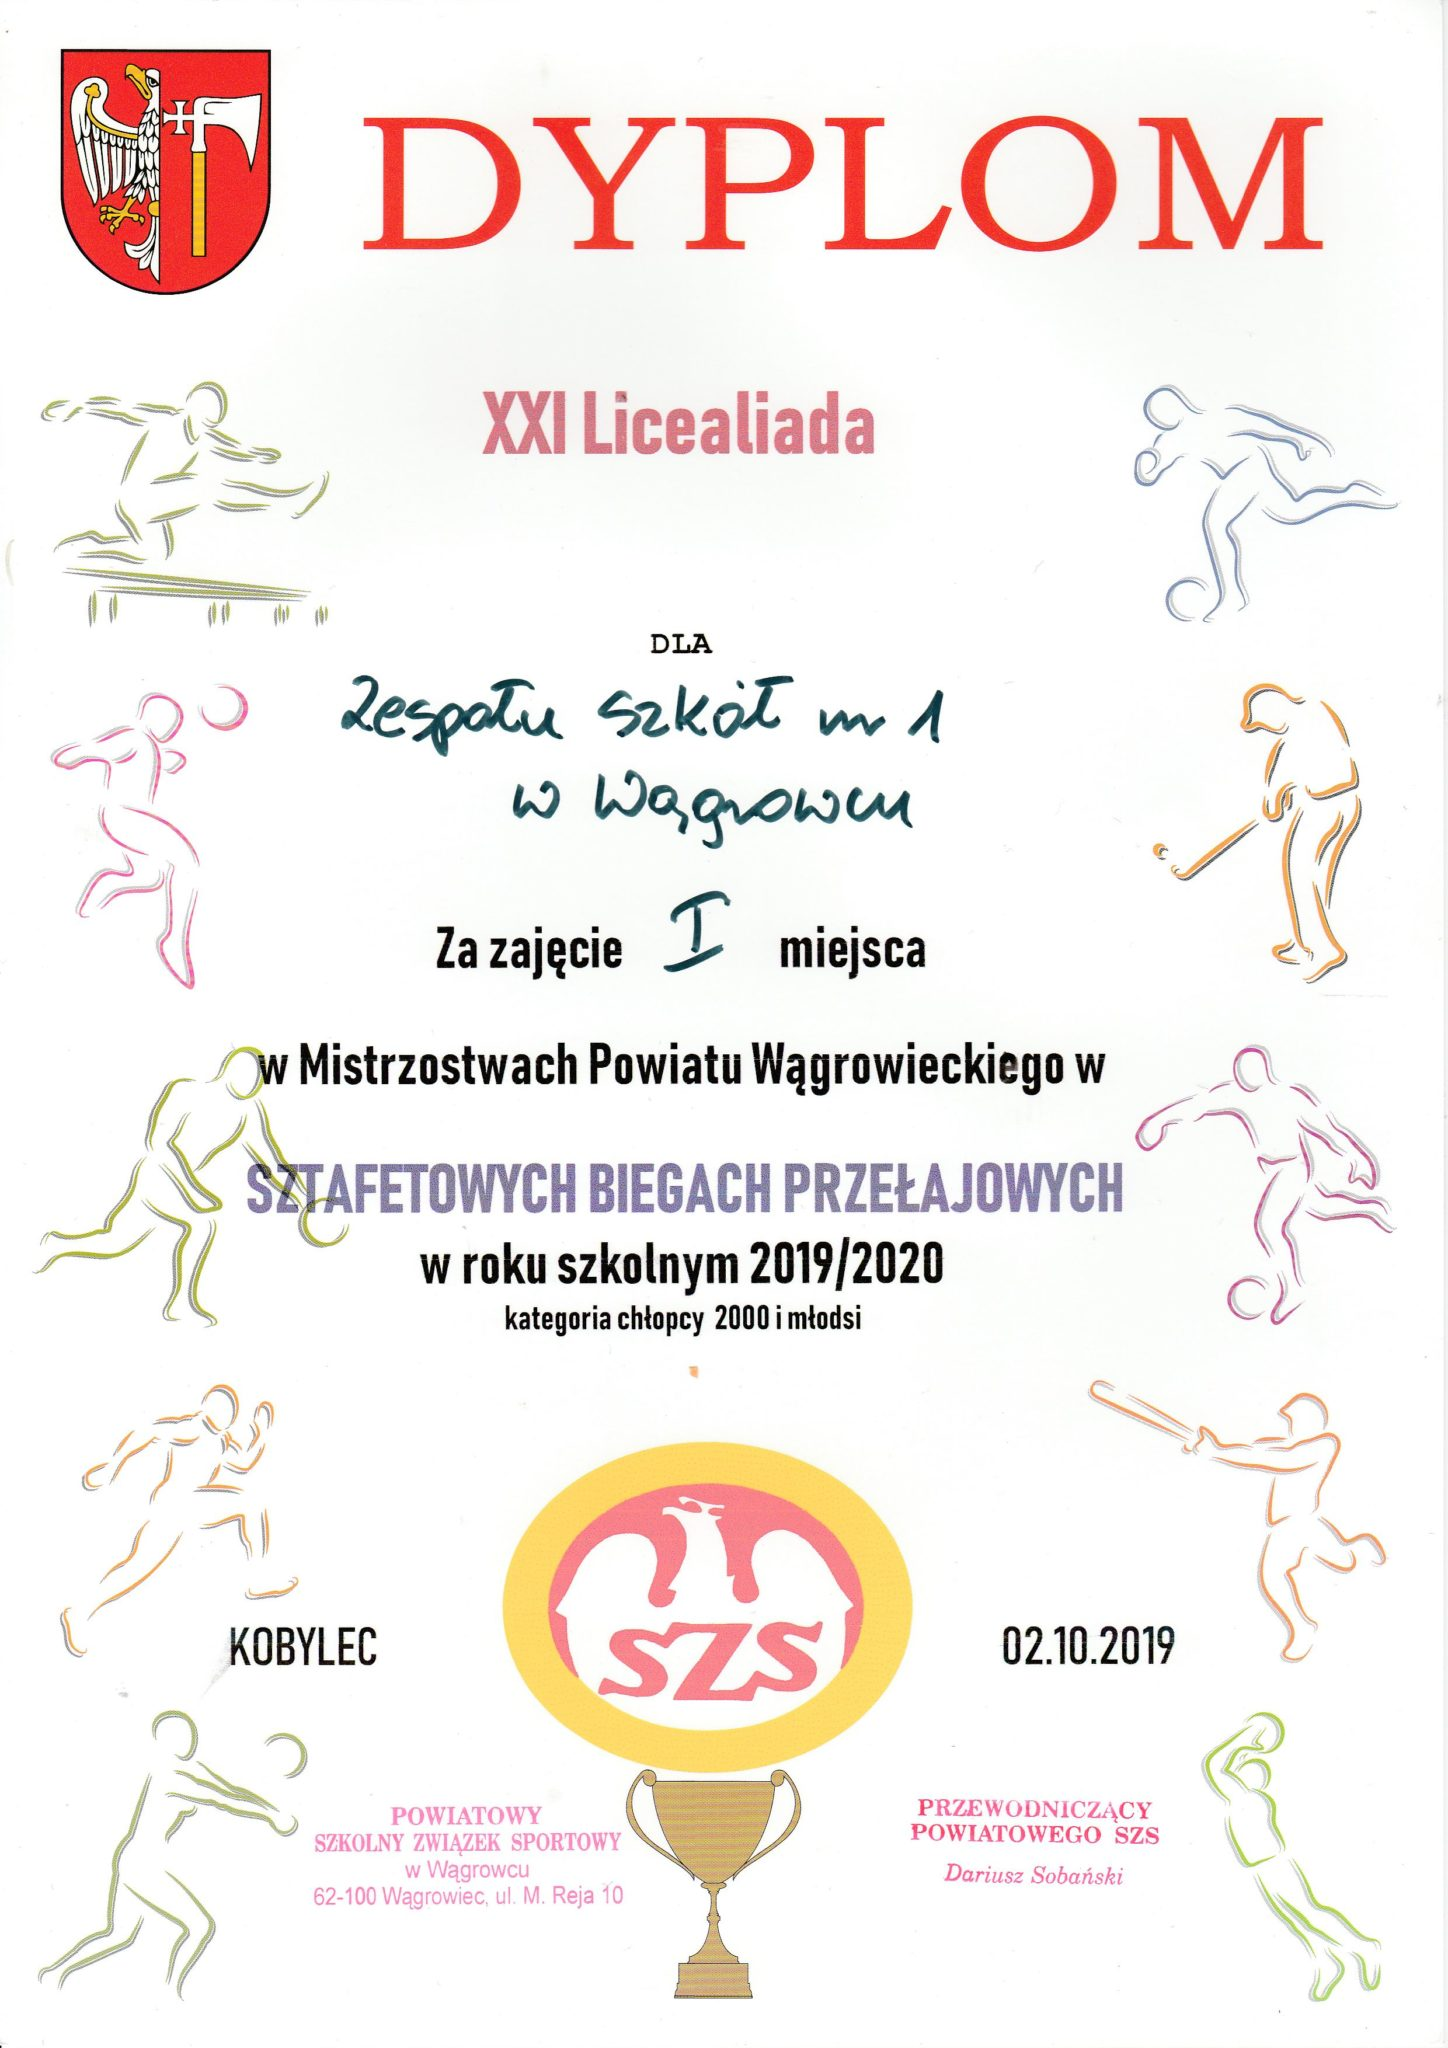 dyplom sztafetowe biegi chłopacy 2019-2020